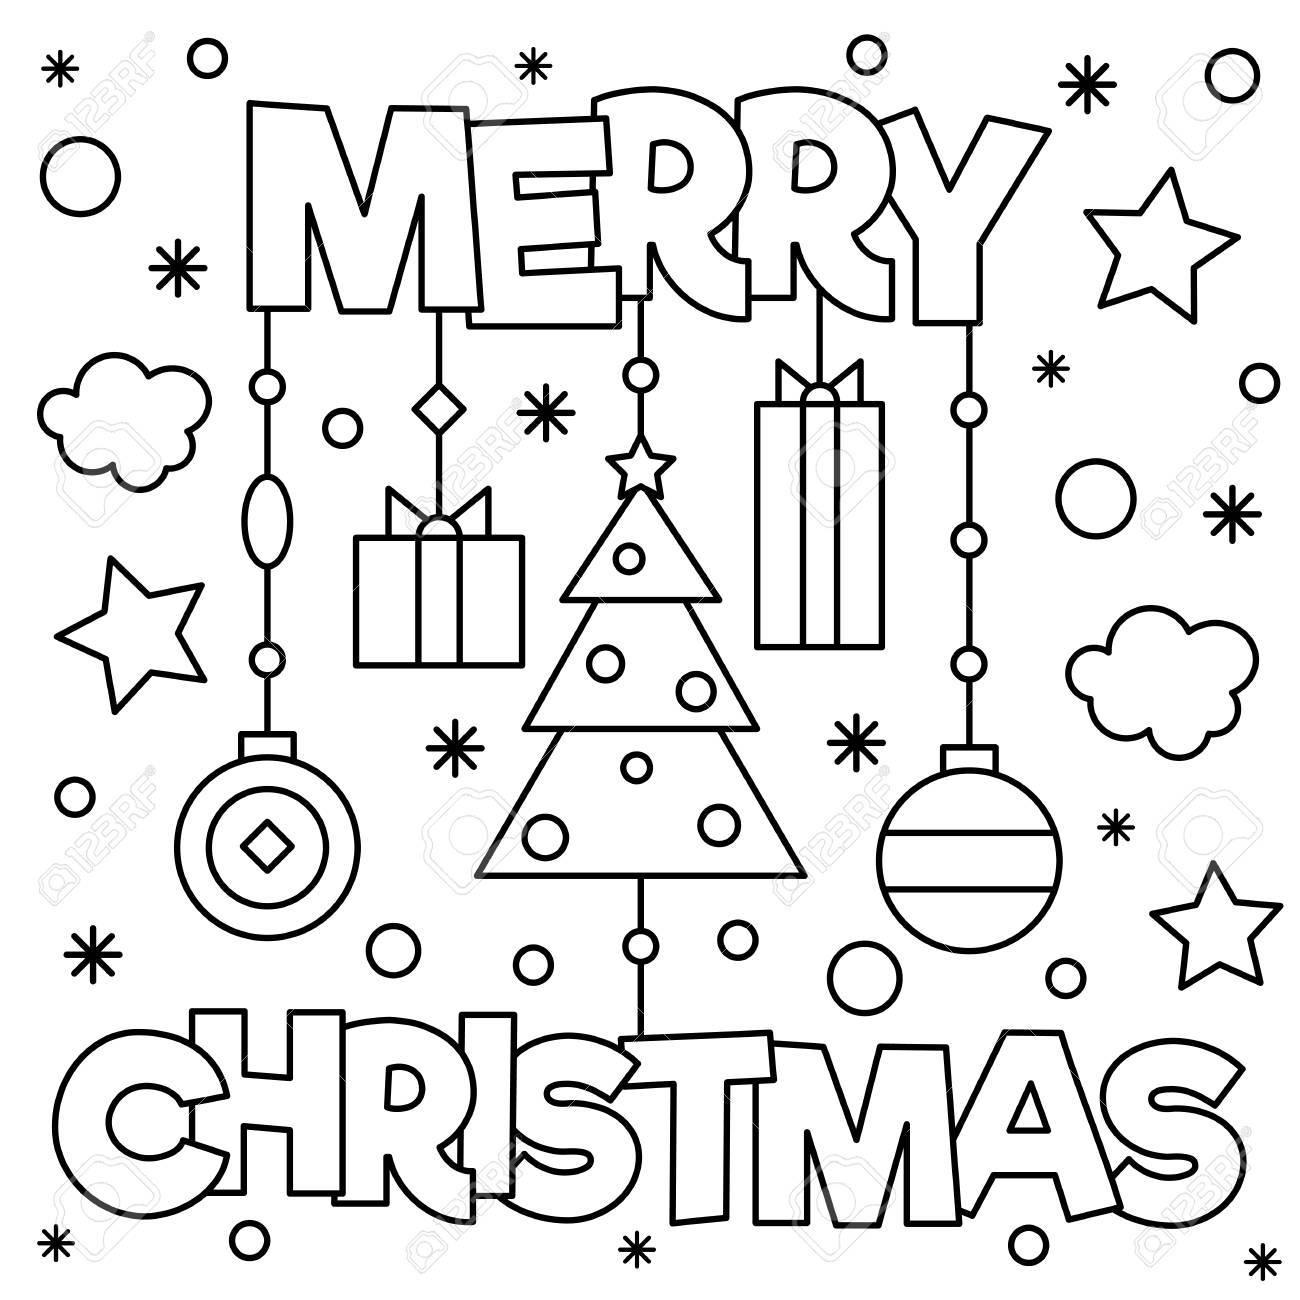 Feliz Navidad Pagina Para Colorear Ilustracion Vectorial